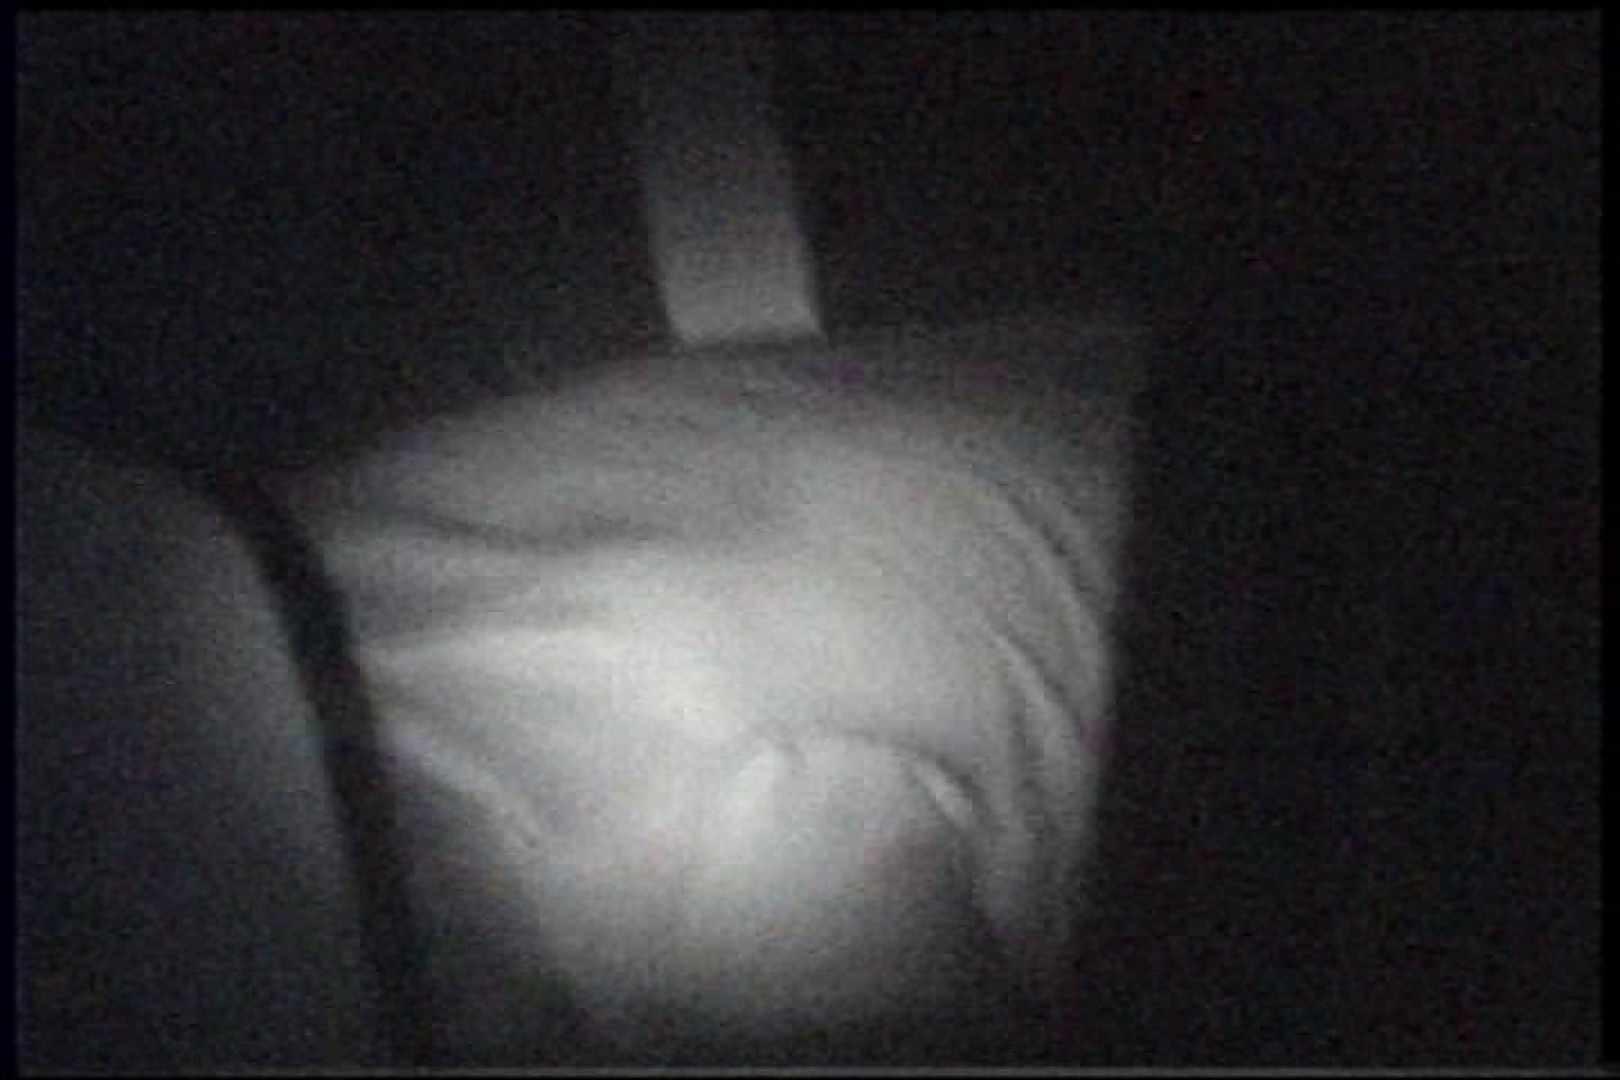 充血監督の深夜の運動会Vol.238 OLセックス  60画像 20